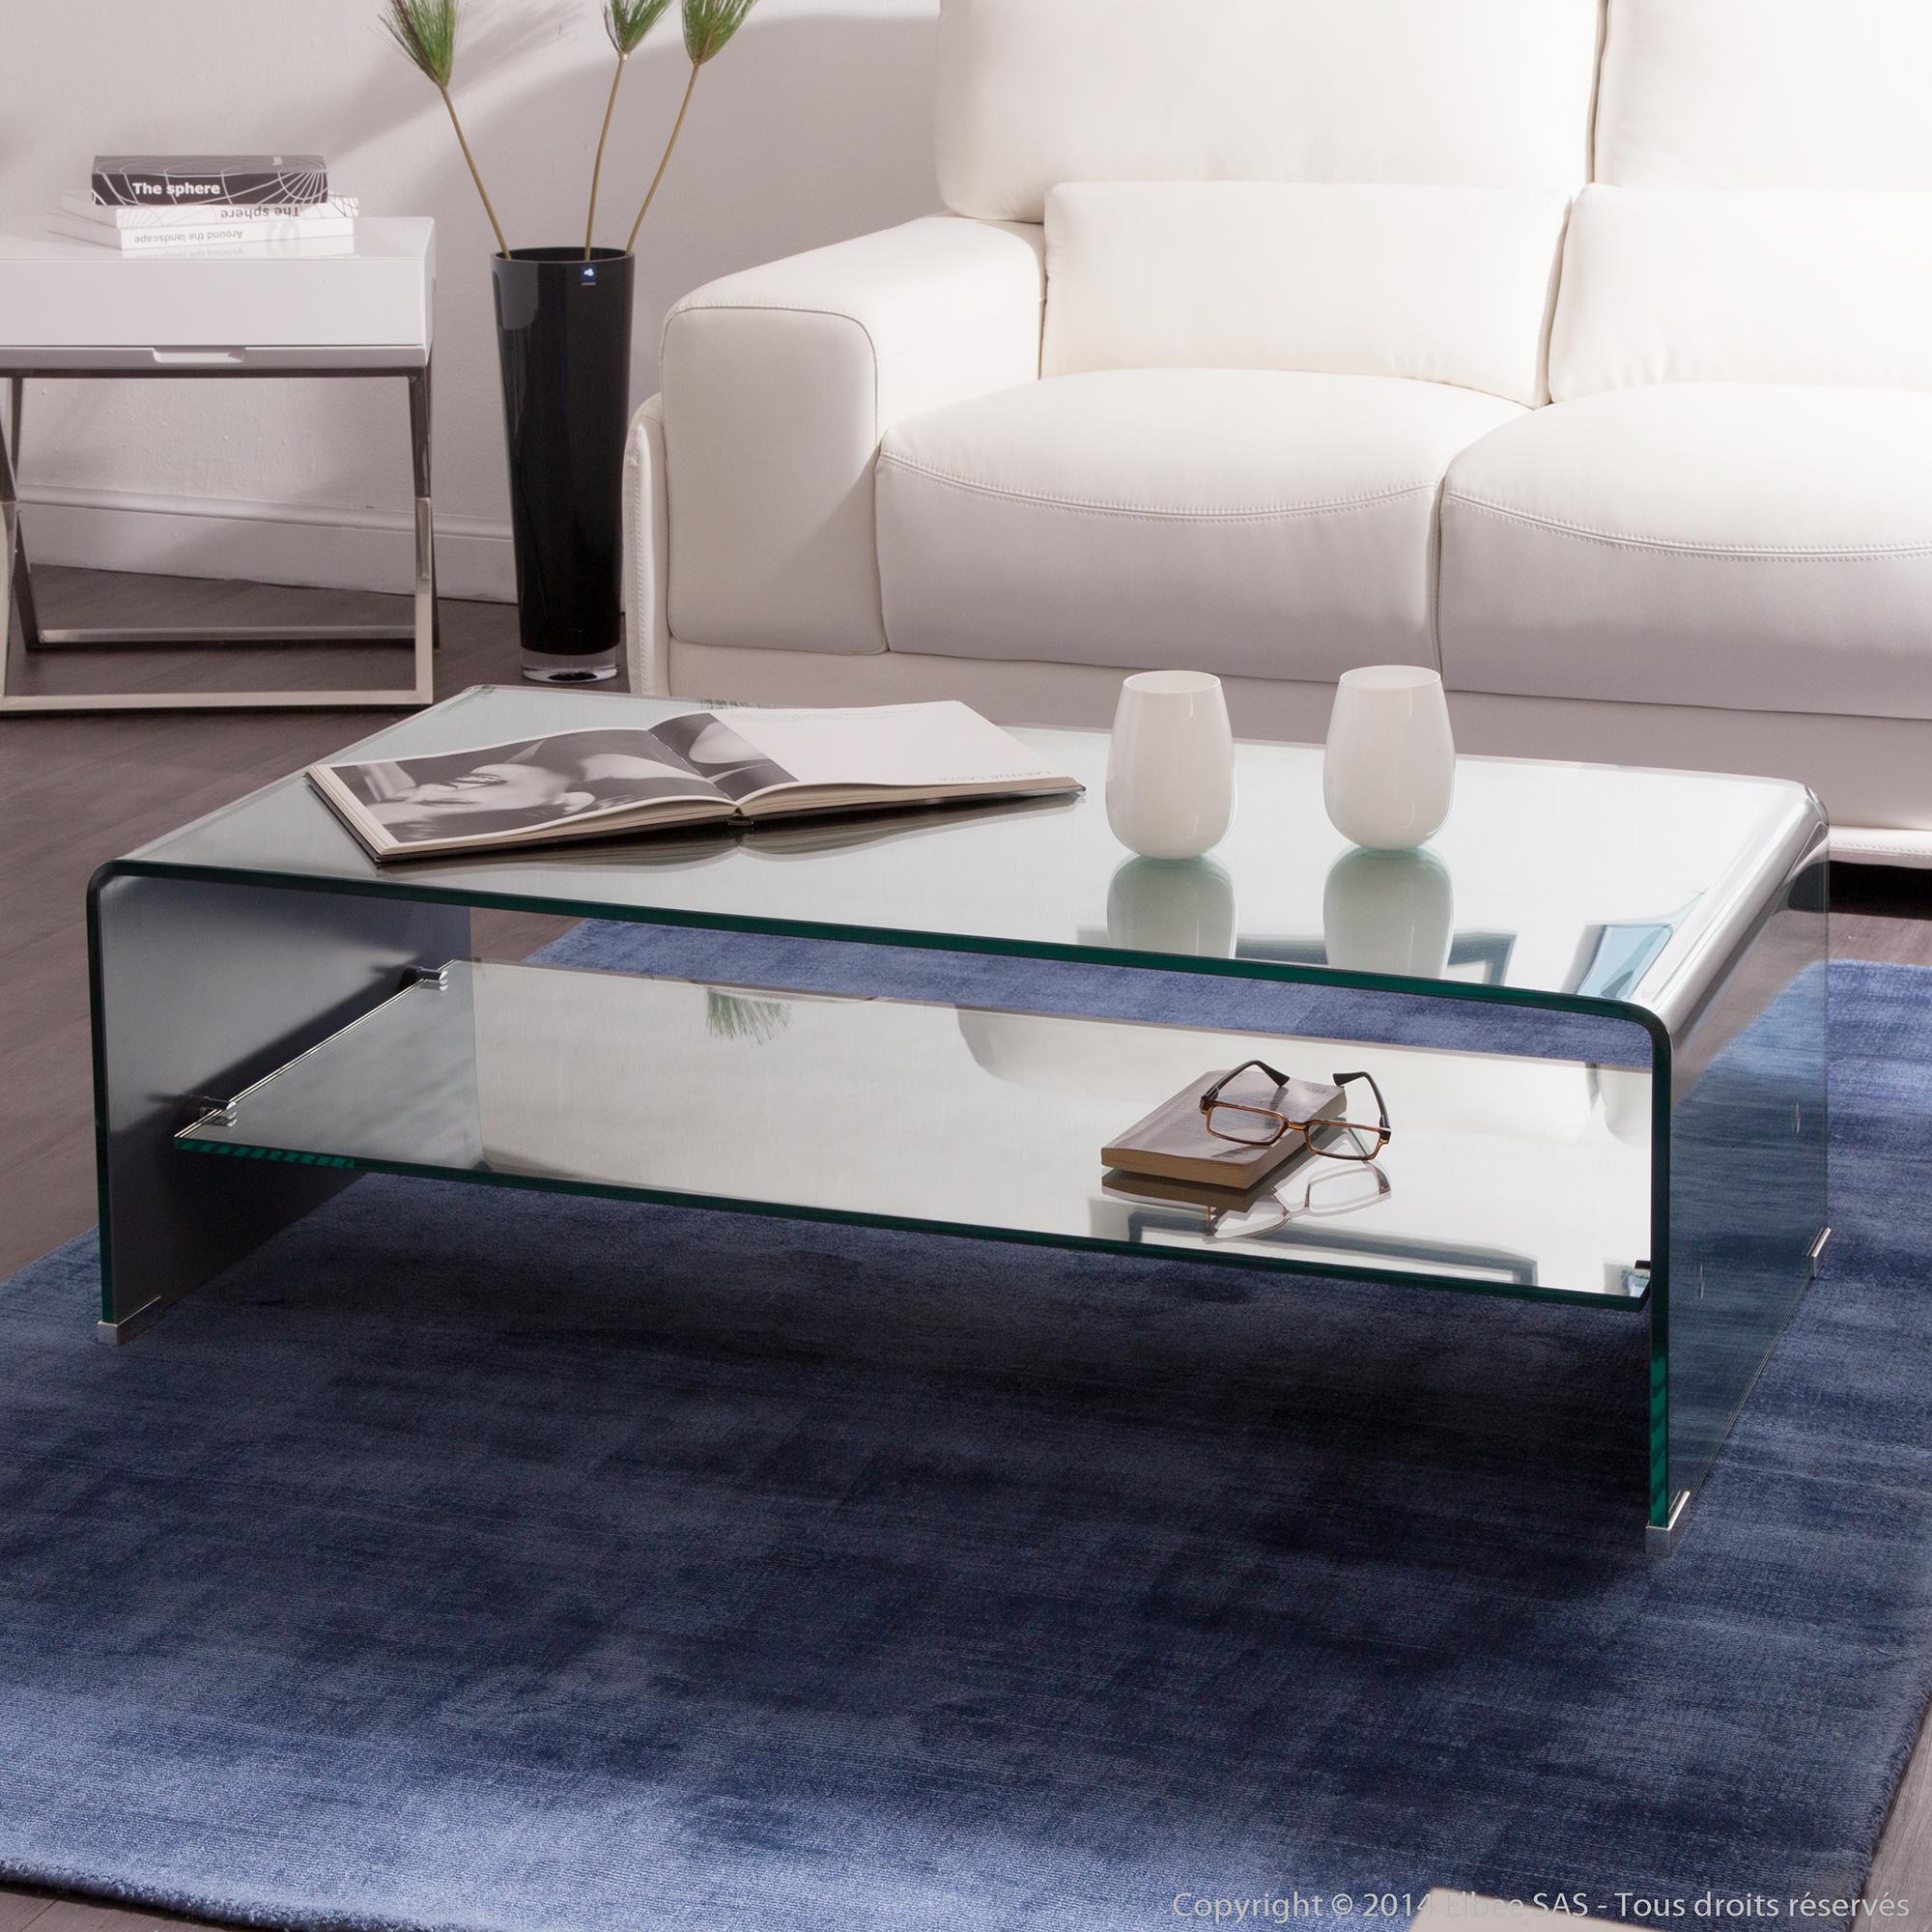 Table basse rectangulaire hegoa en verre courb avec for Table basse rectangulaire en verre